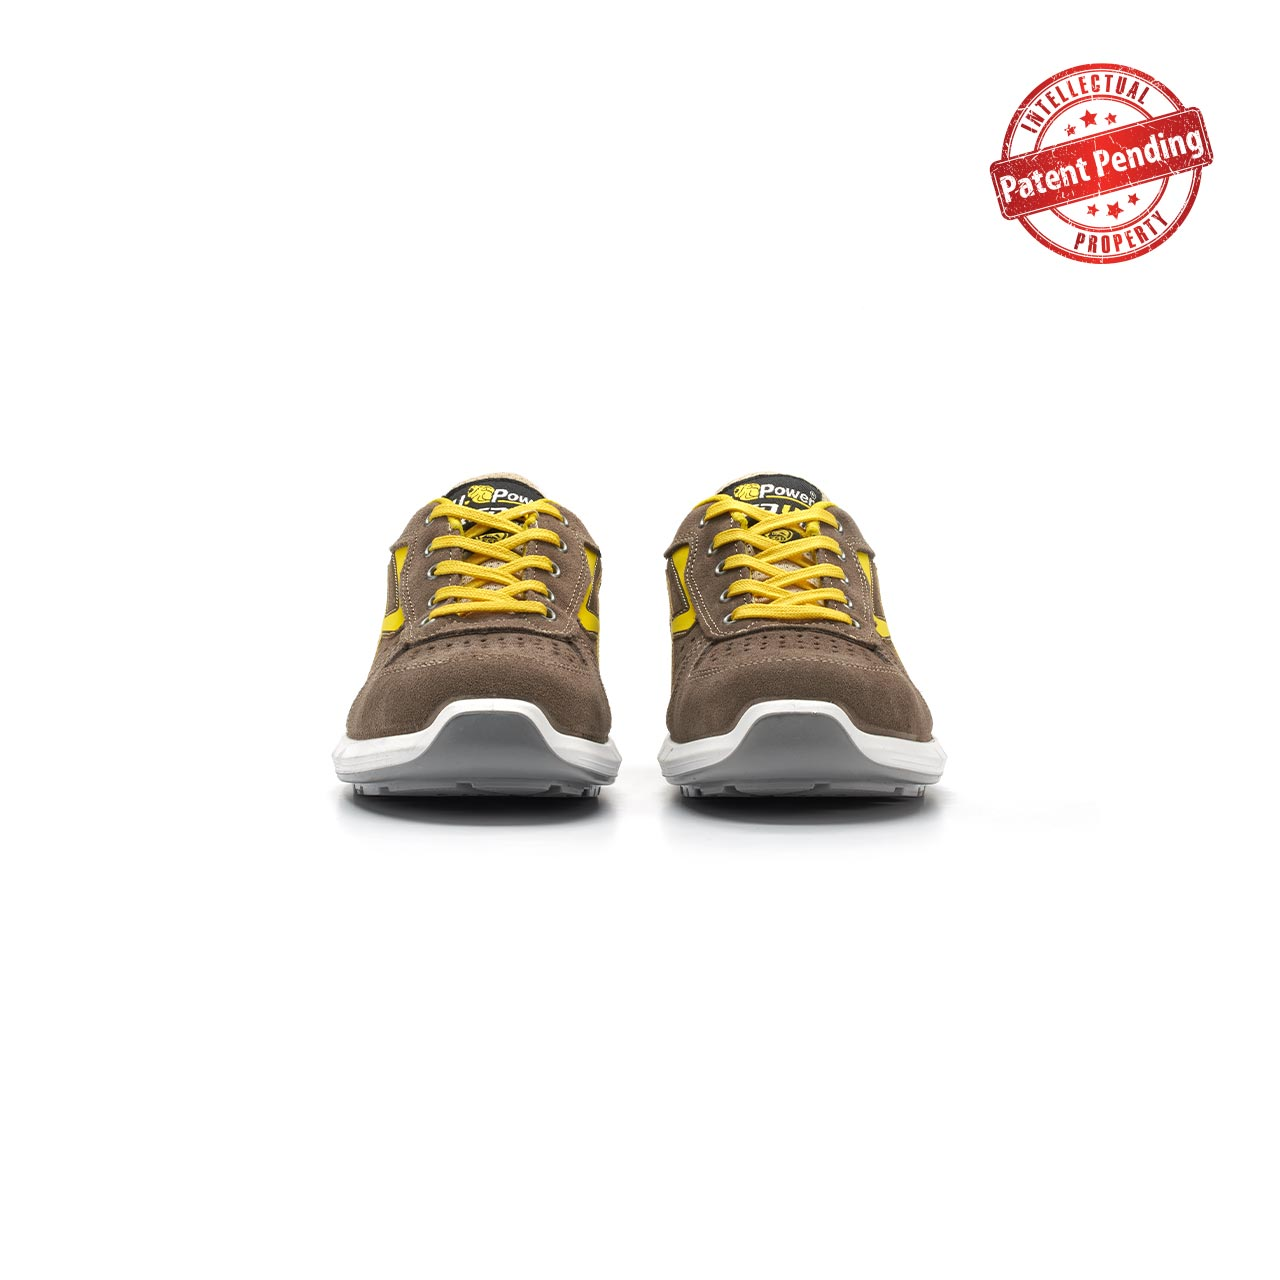 paio di scarpe antinfortunistiche upower modello dorado plus linea redup plus vista frontale